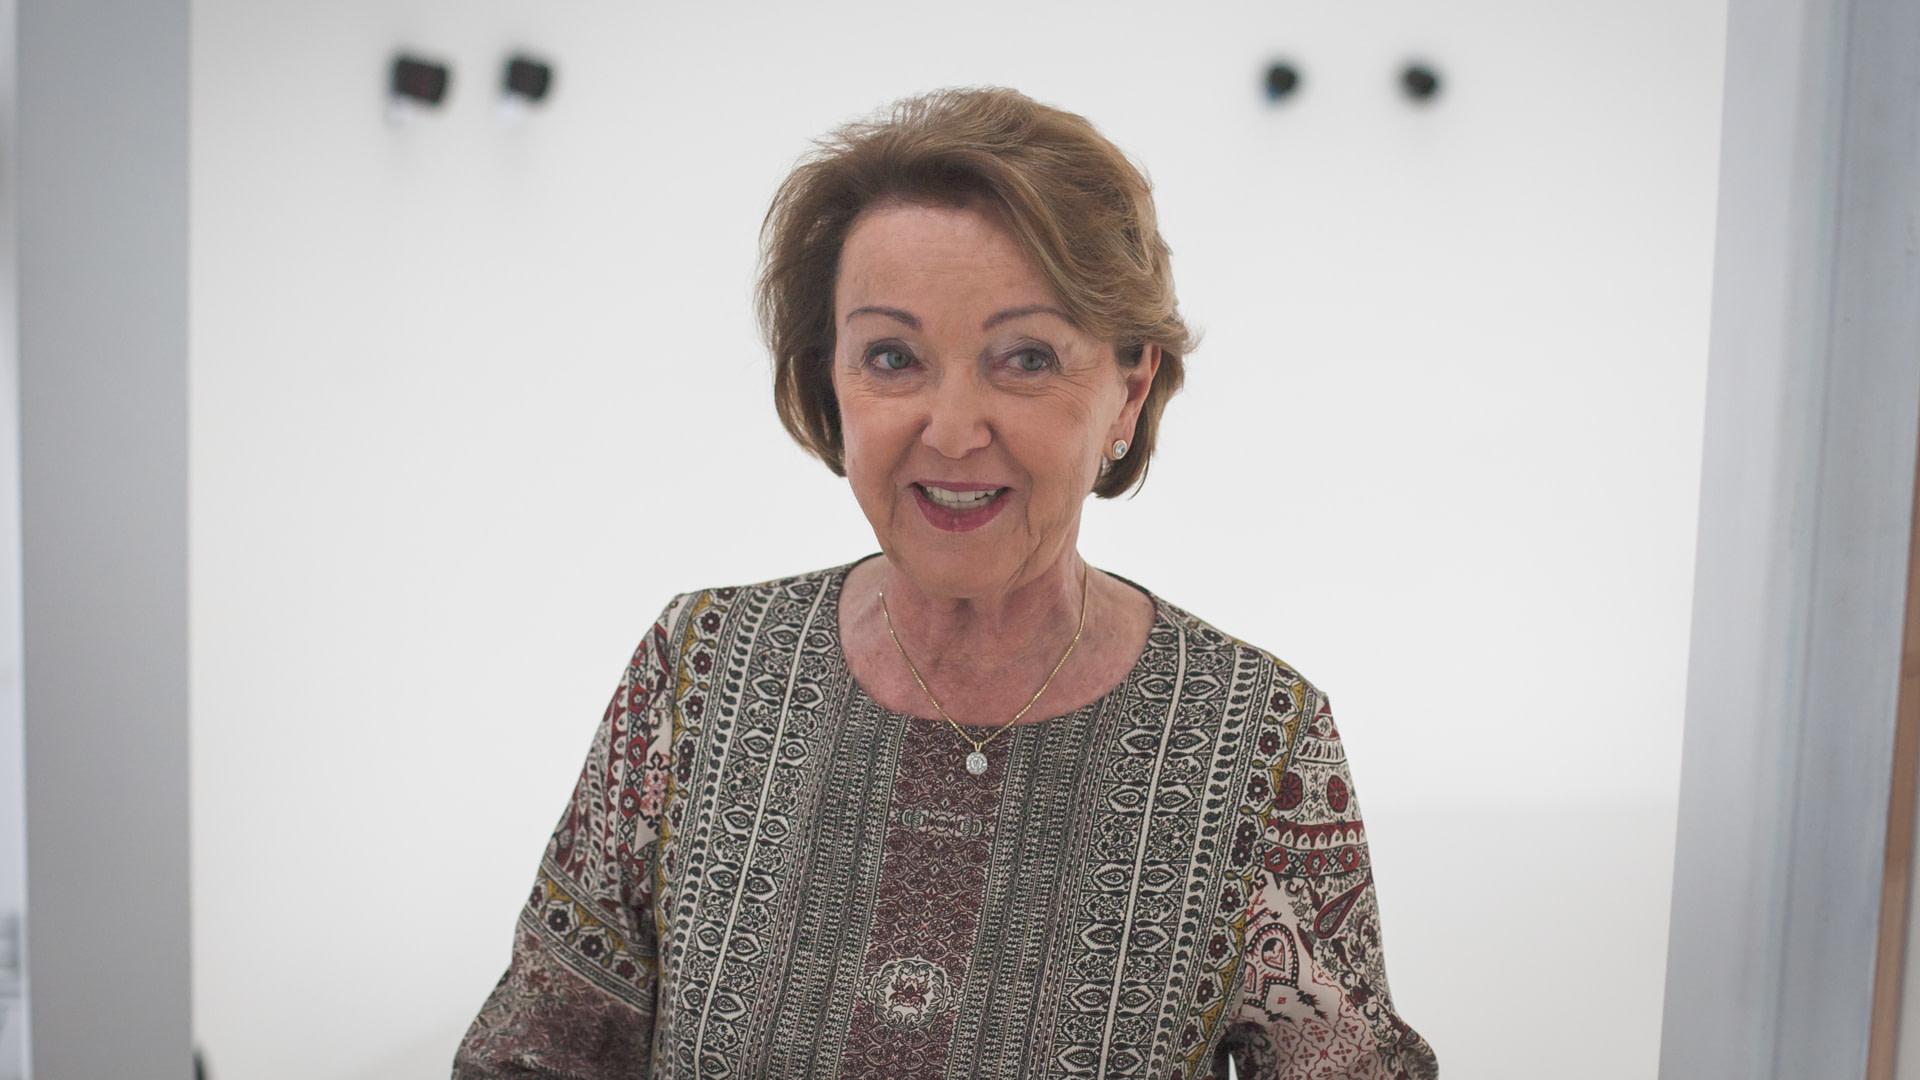 Eva Umlauf at Volucap